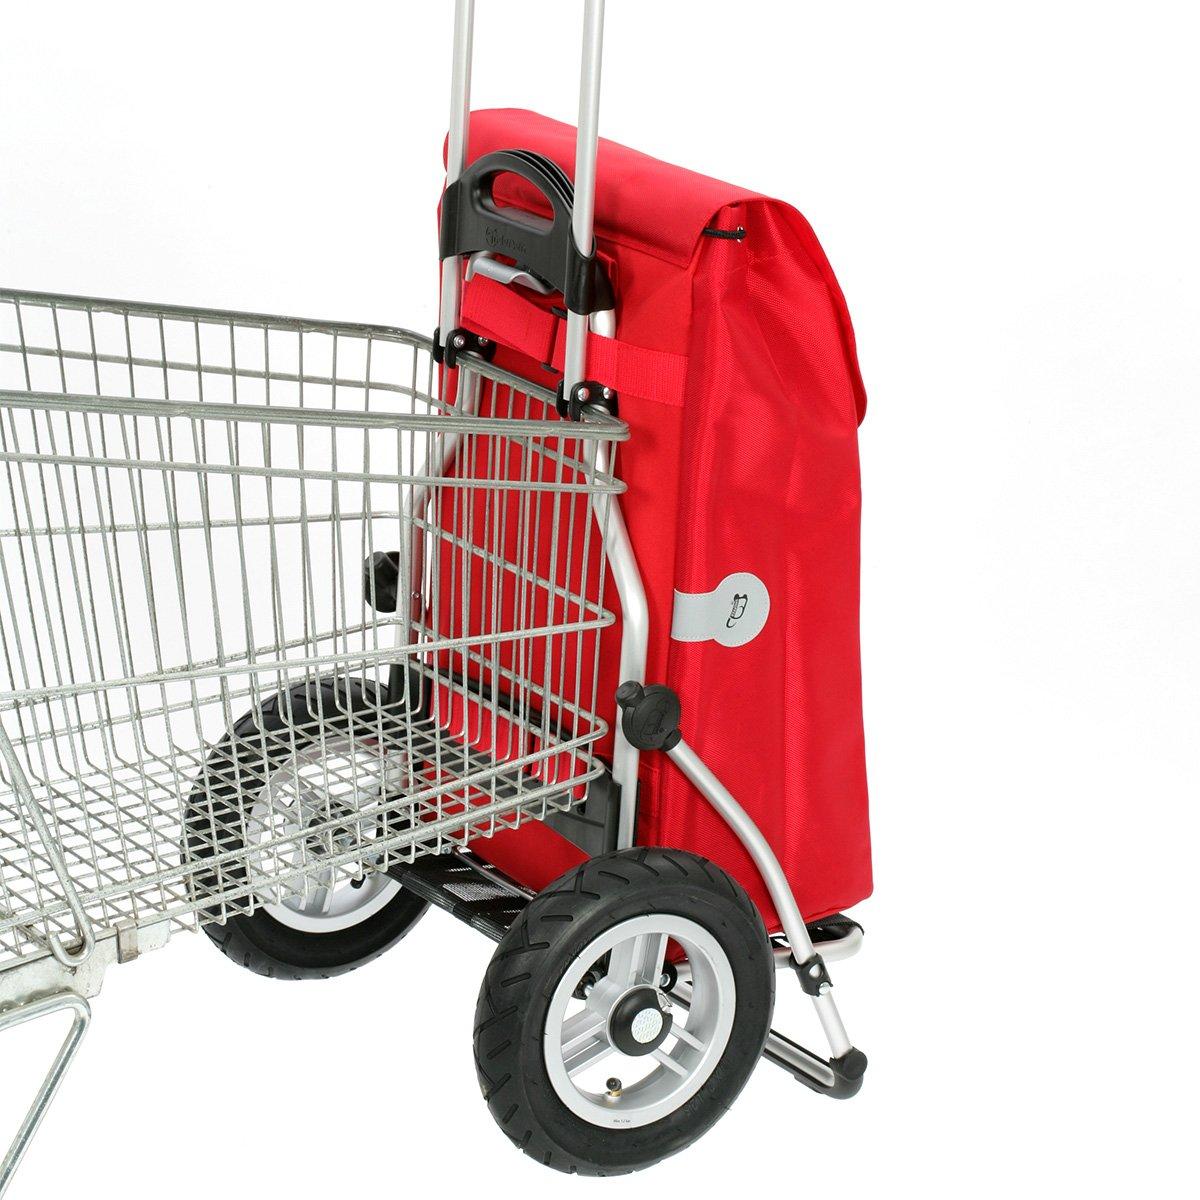 Andersen Shopper Royal mit kugelgelagertem Rad 25 cm luftbereift und 49 Liter Tasche Gerry grau